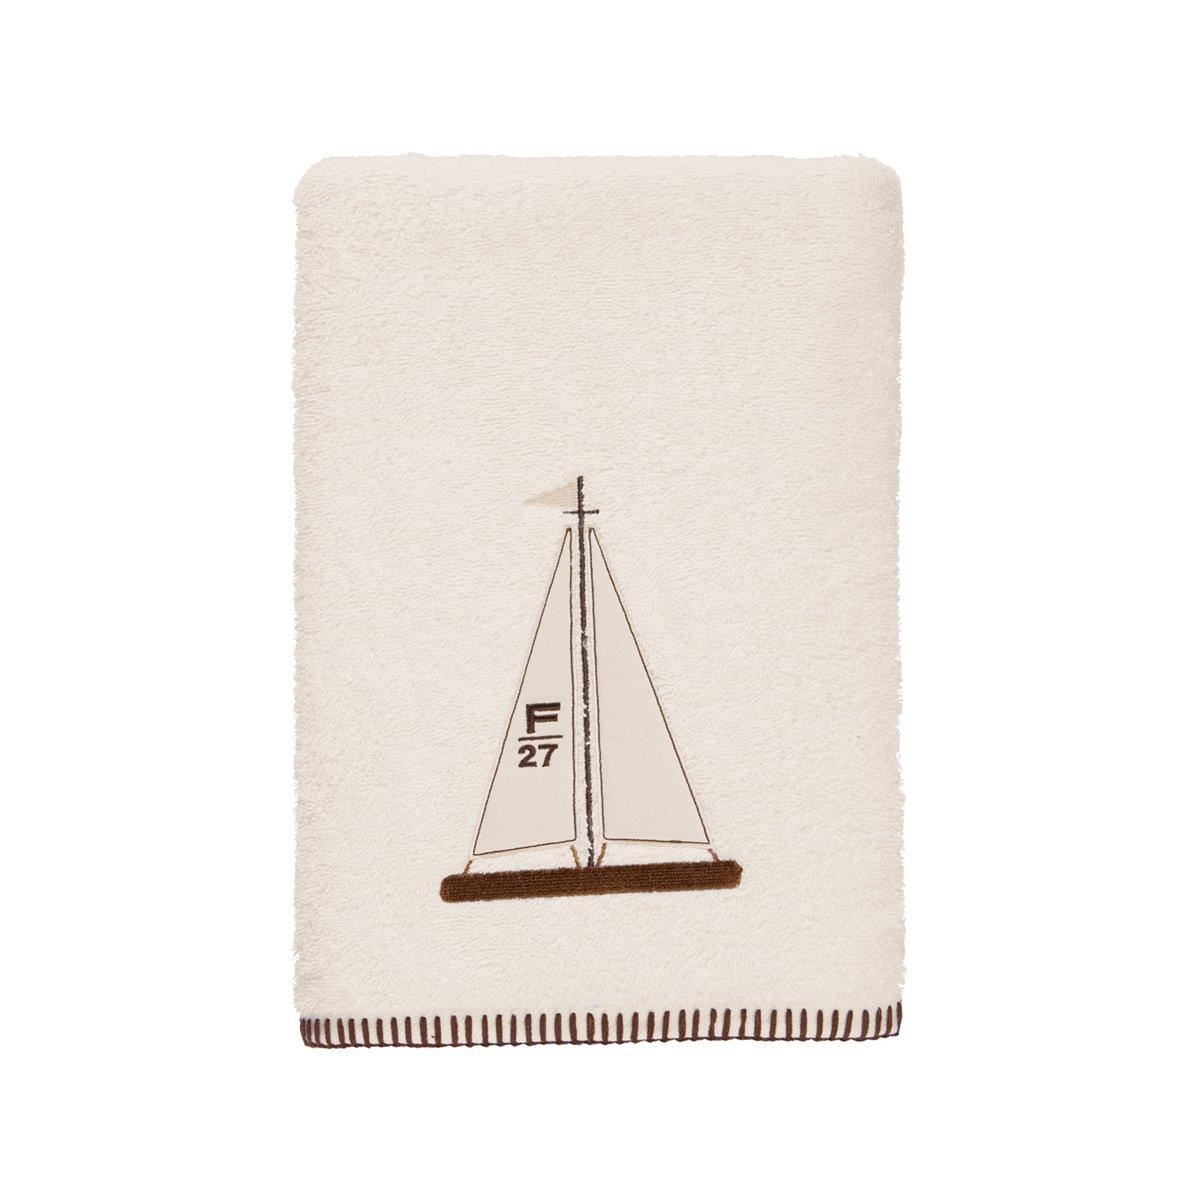 ANTHINEA - Drap de bain en coton biologique  Ecru 70x140 cm